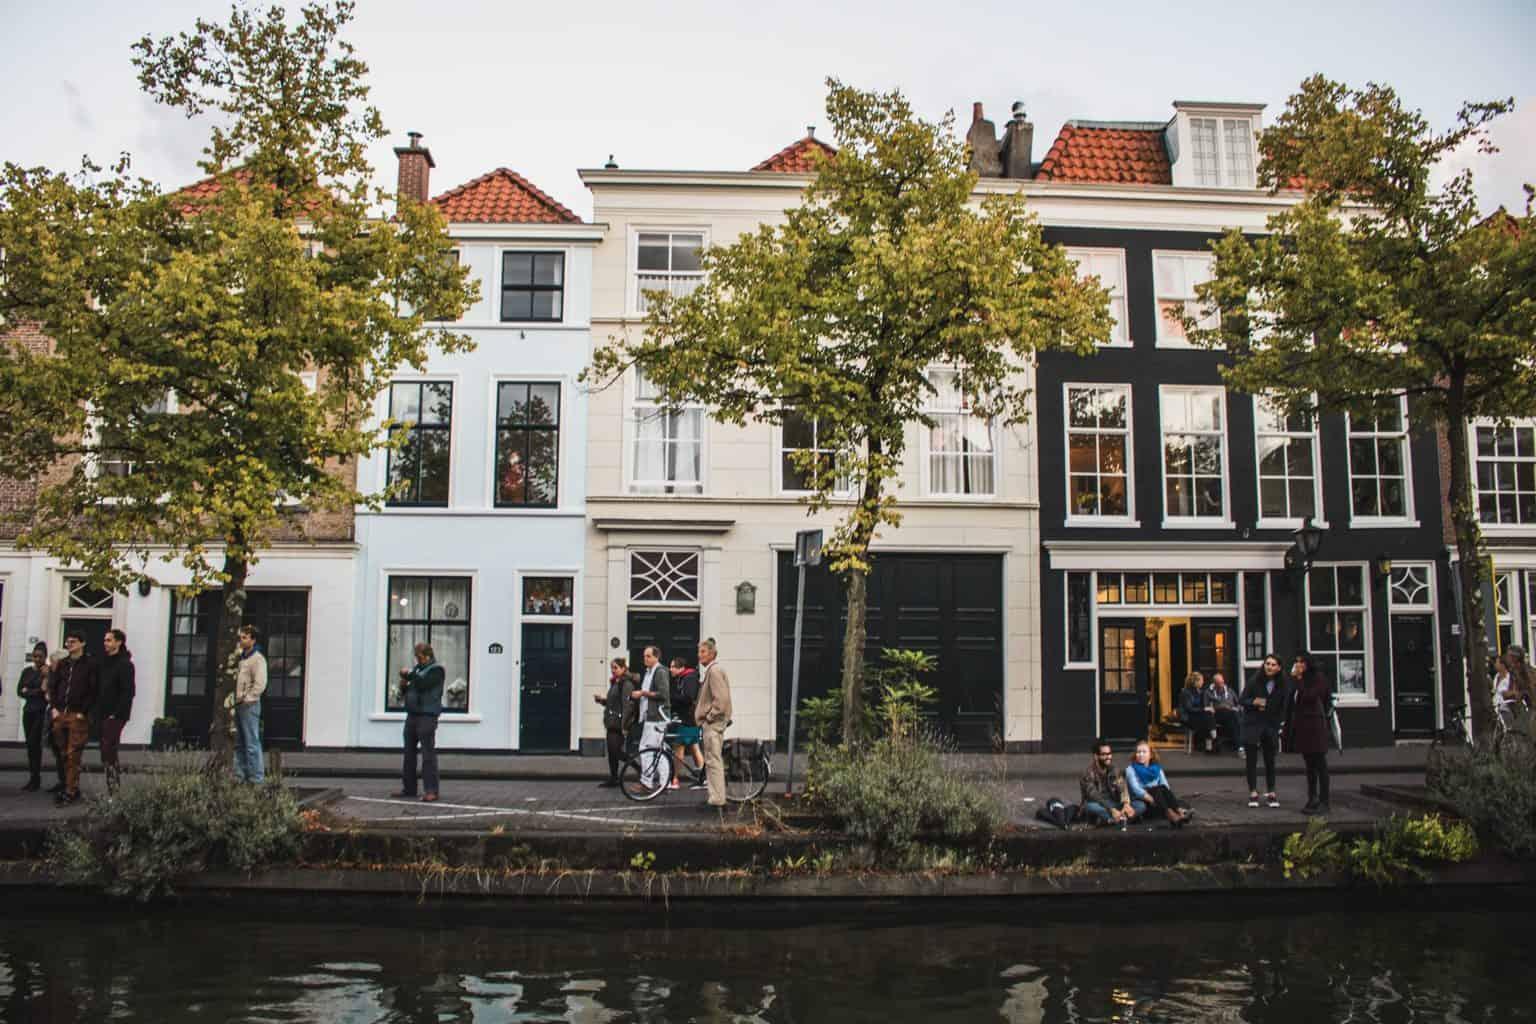 hidden gems in the Hague